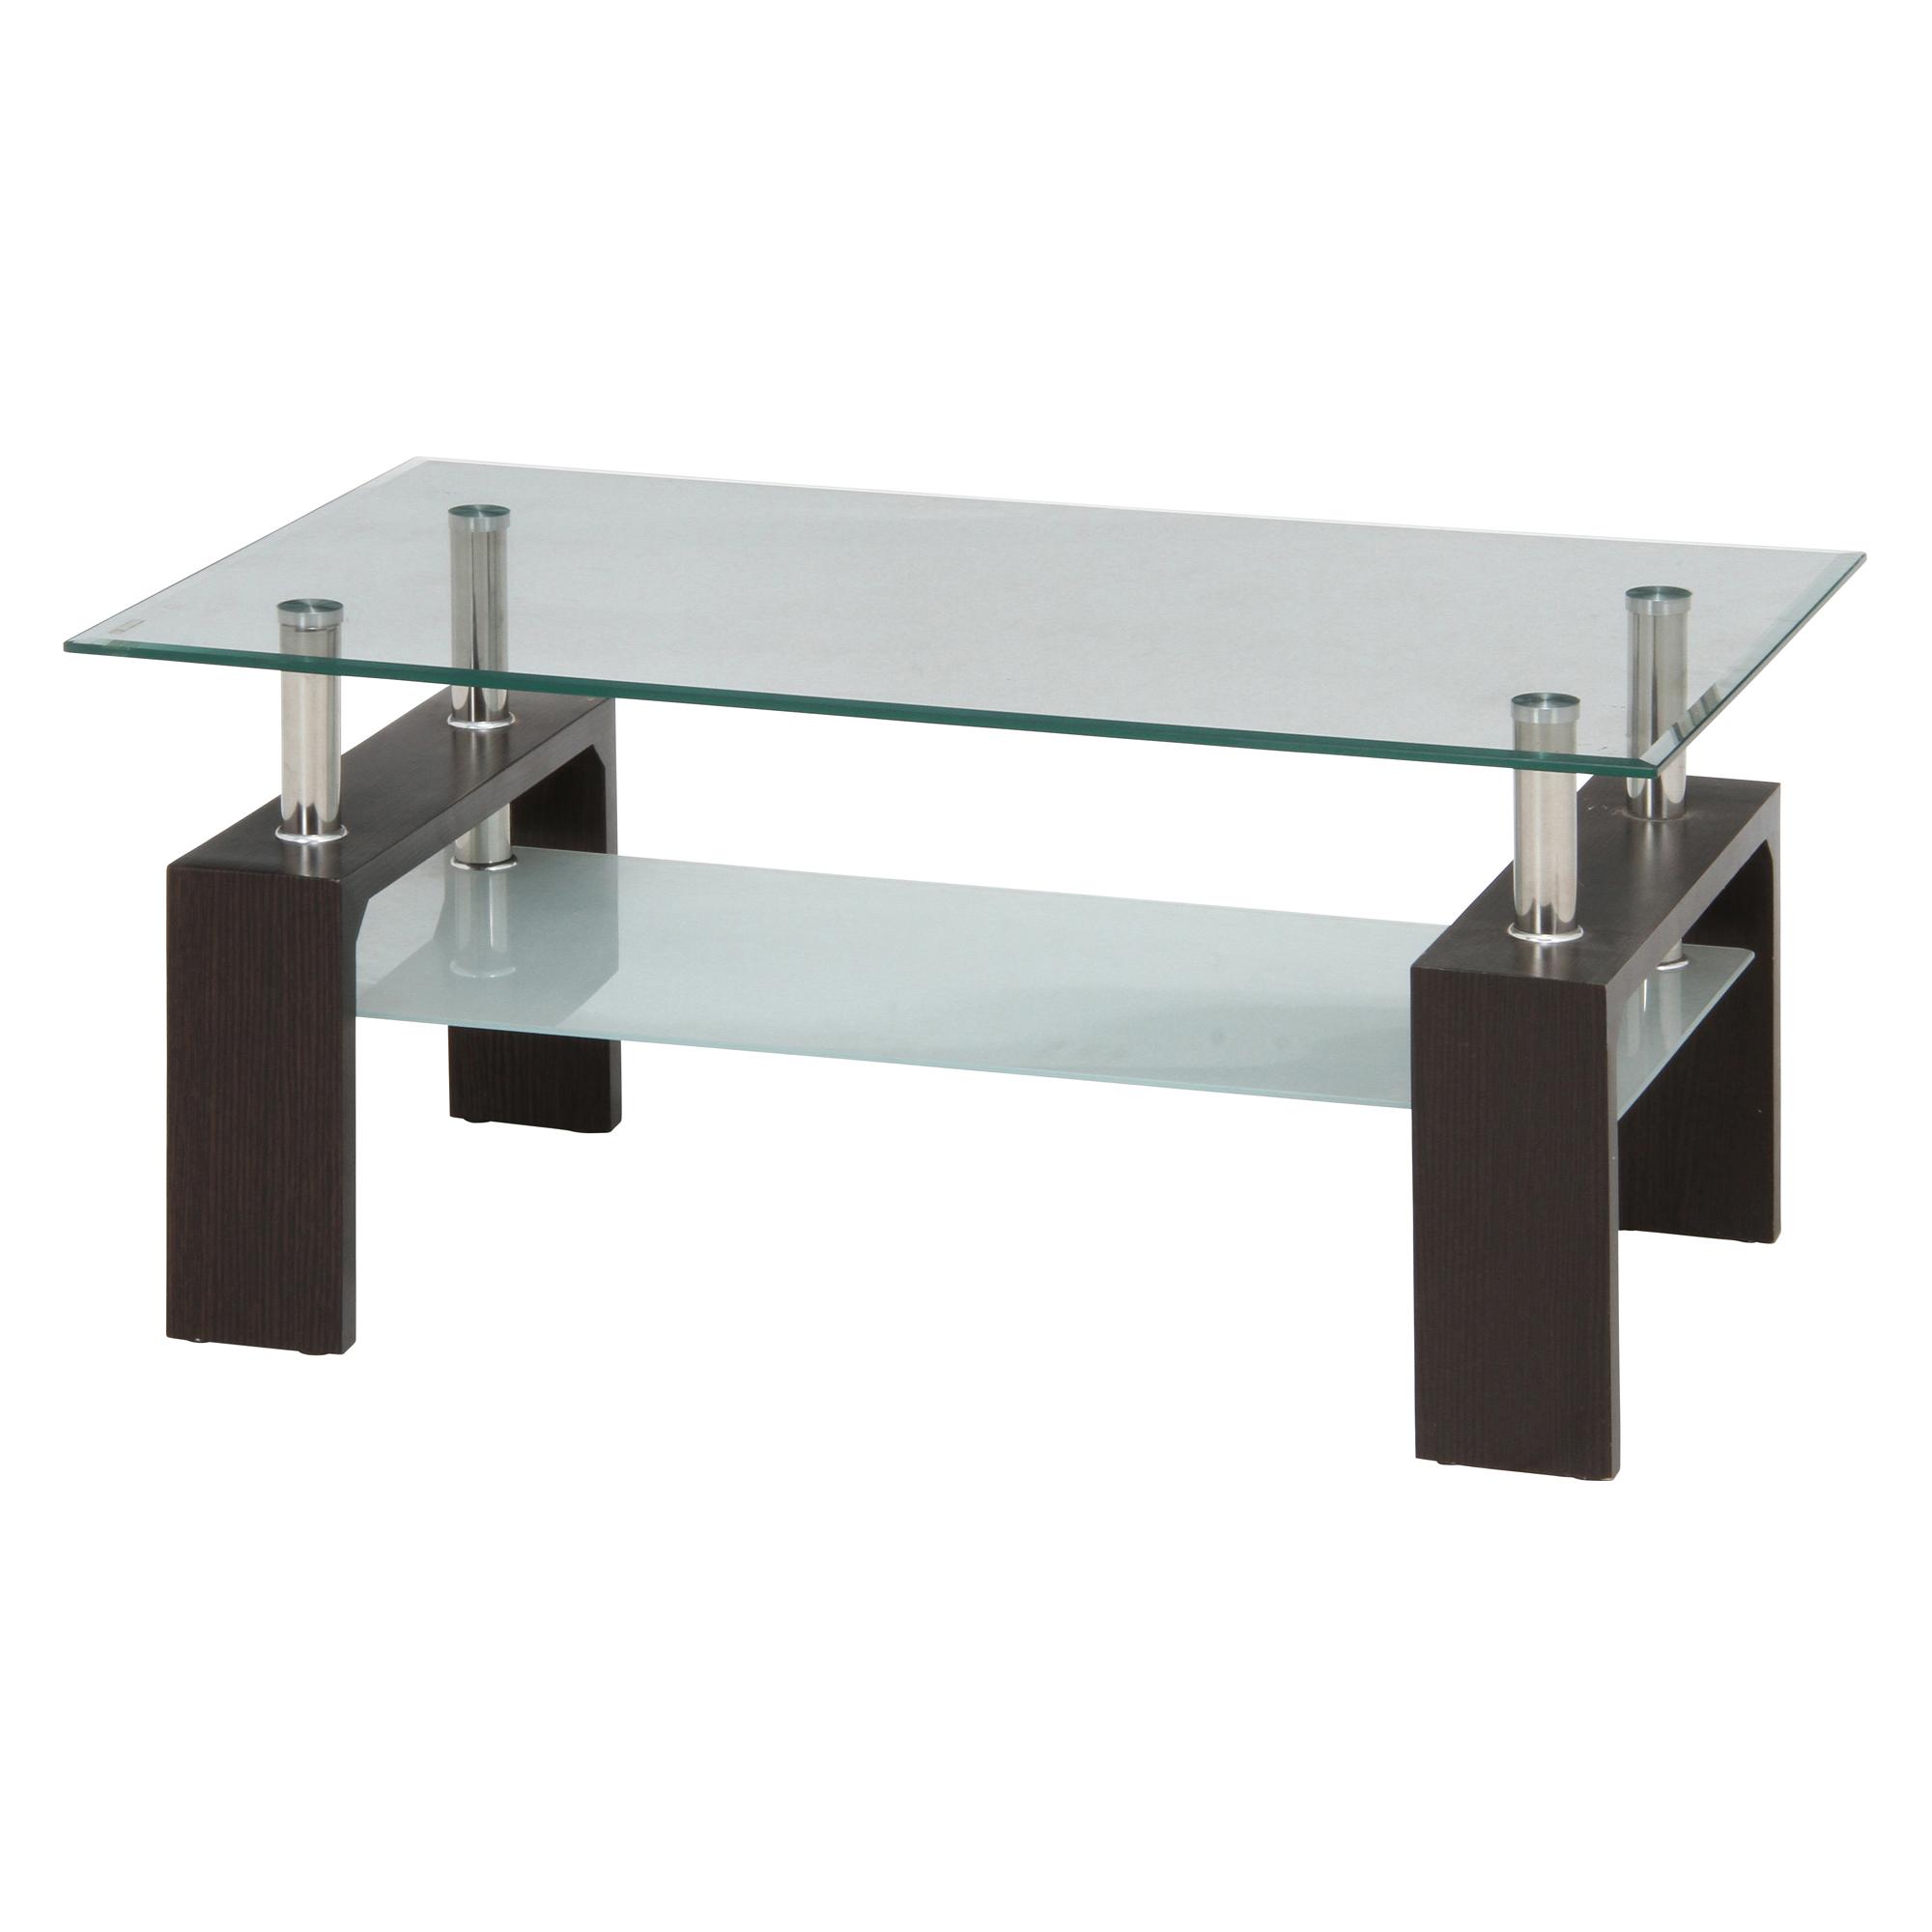 センターテーブル テーブル 強化ガラス ガラス天板 シック モダン ローテーブル商品名:センターテーブル フォーカス